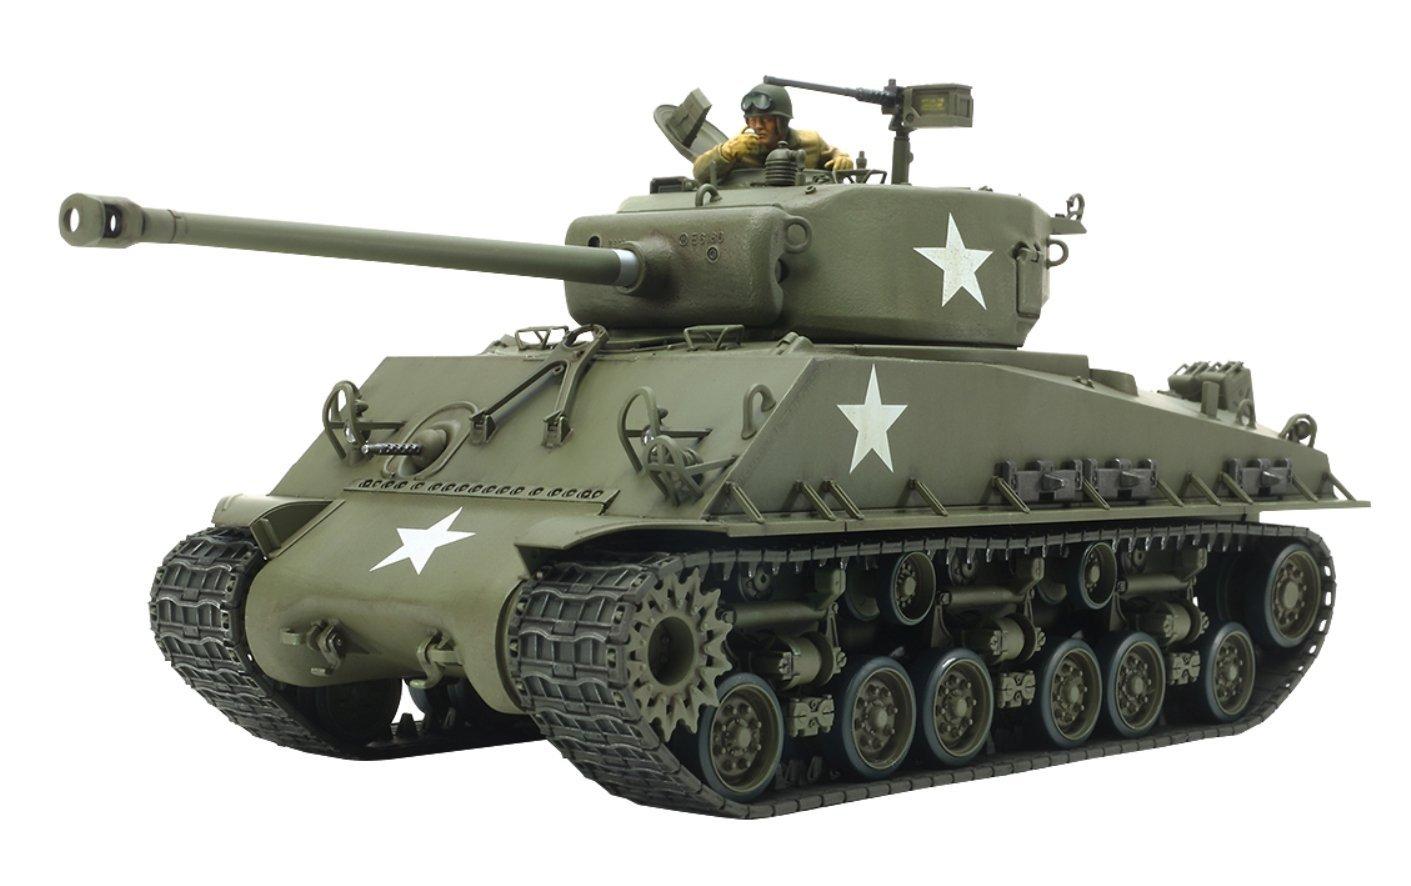 Tamiya Sherman Easy Eight Model Kit